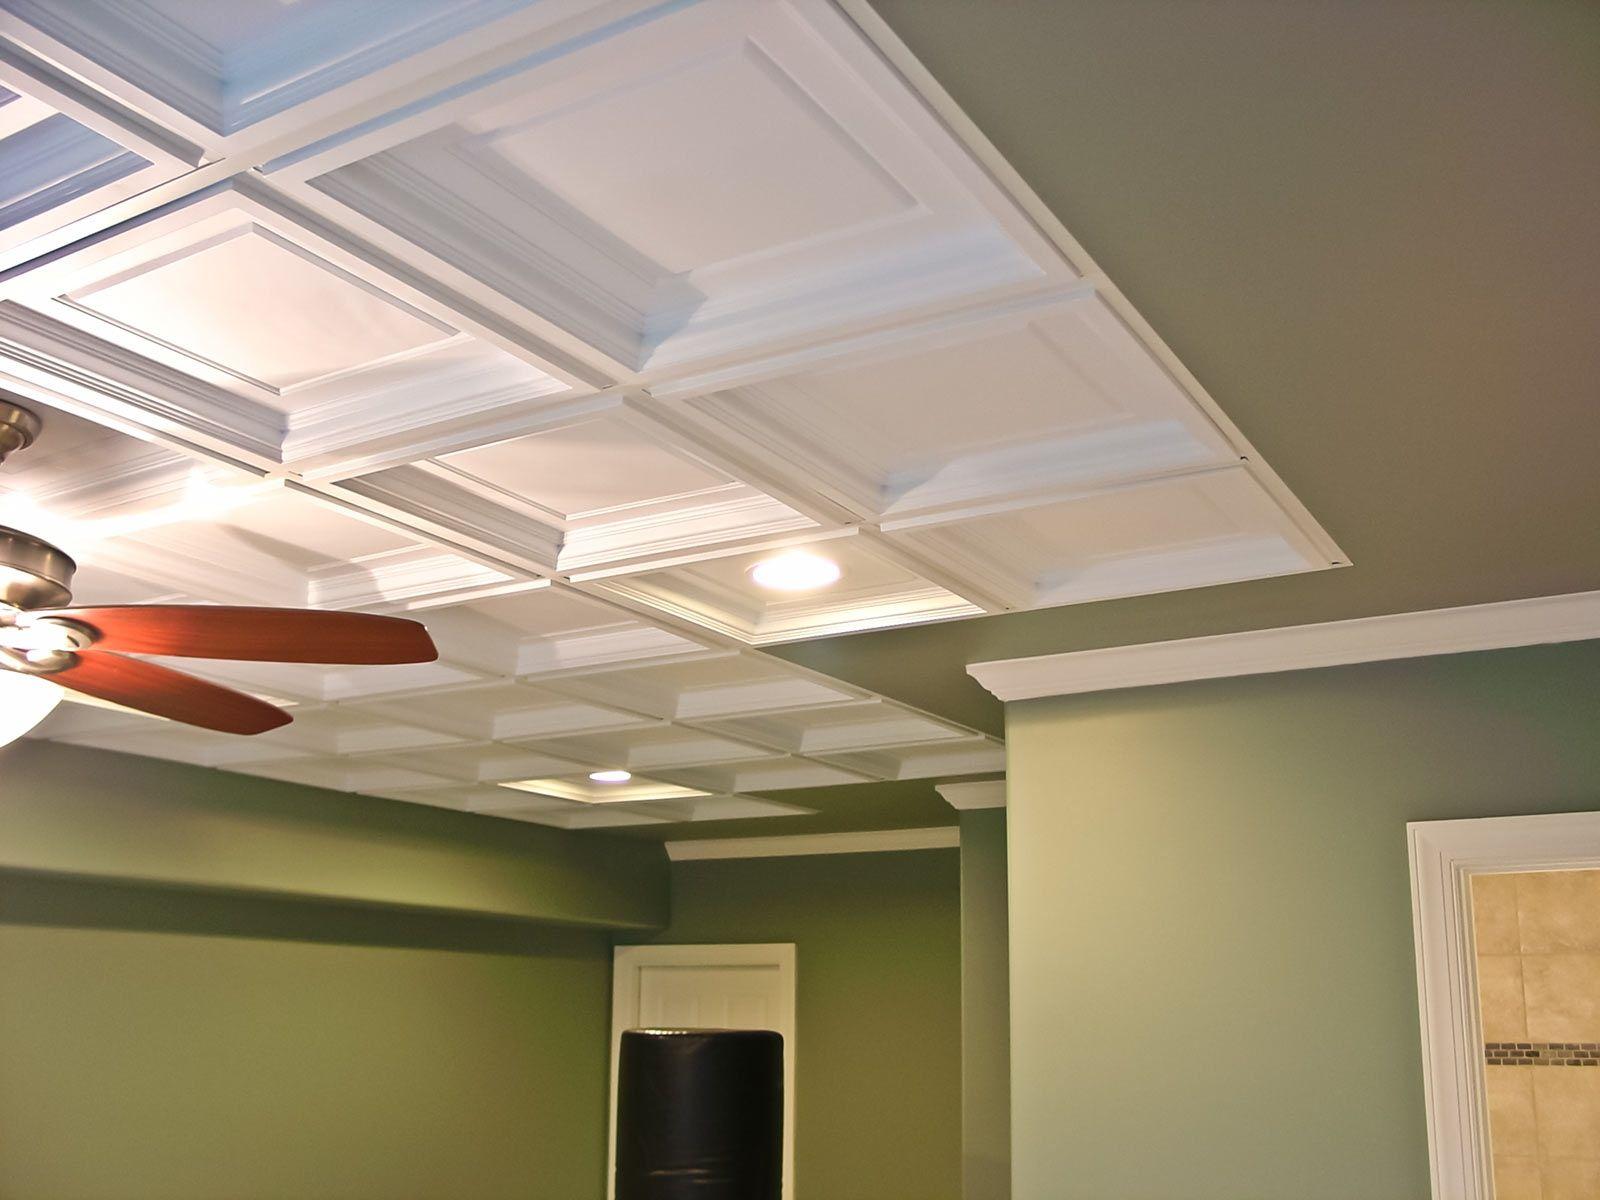 Decorative Suspended Ceiling Tiles Decorative Drop Ceiling Tiles 24  Httpcreativechairsandtables